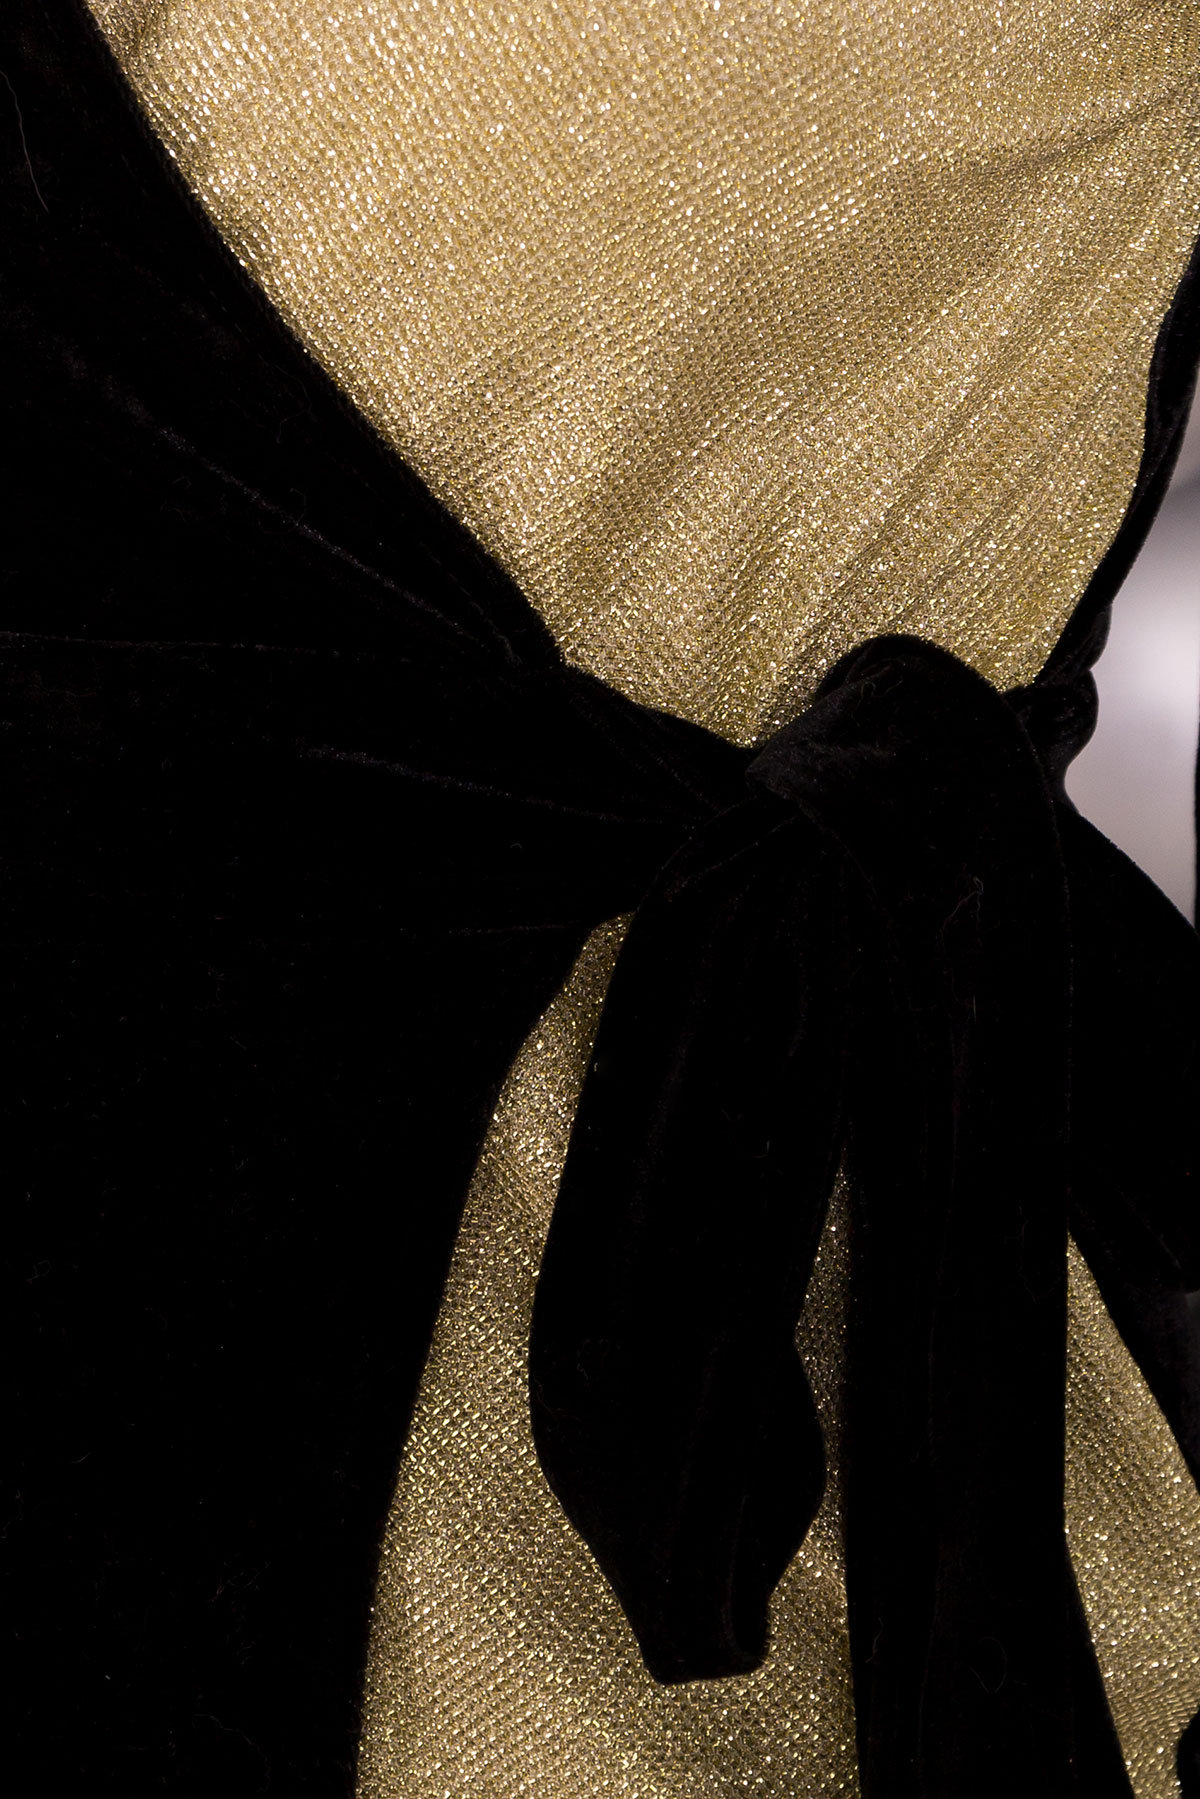 Двухцветное платье с запахом Инь-Янь 6067 Цвет: Черный/золото